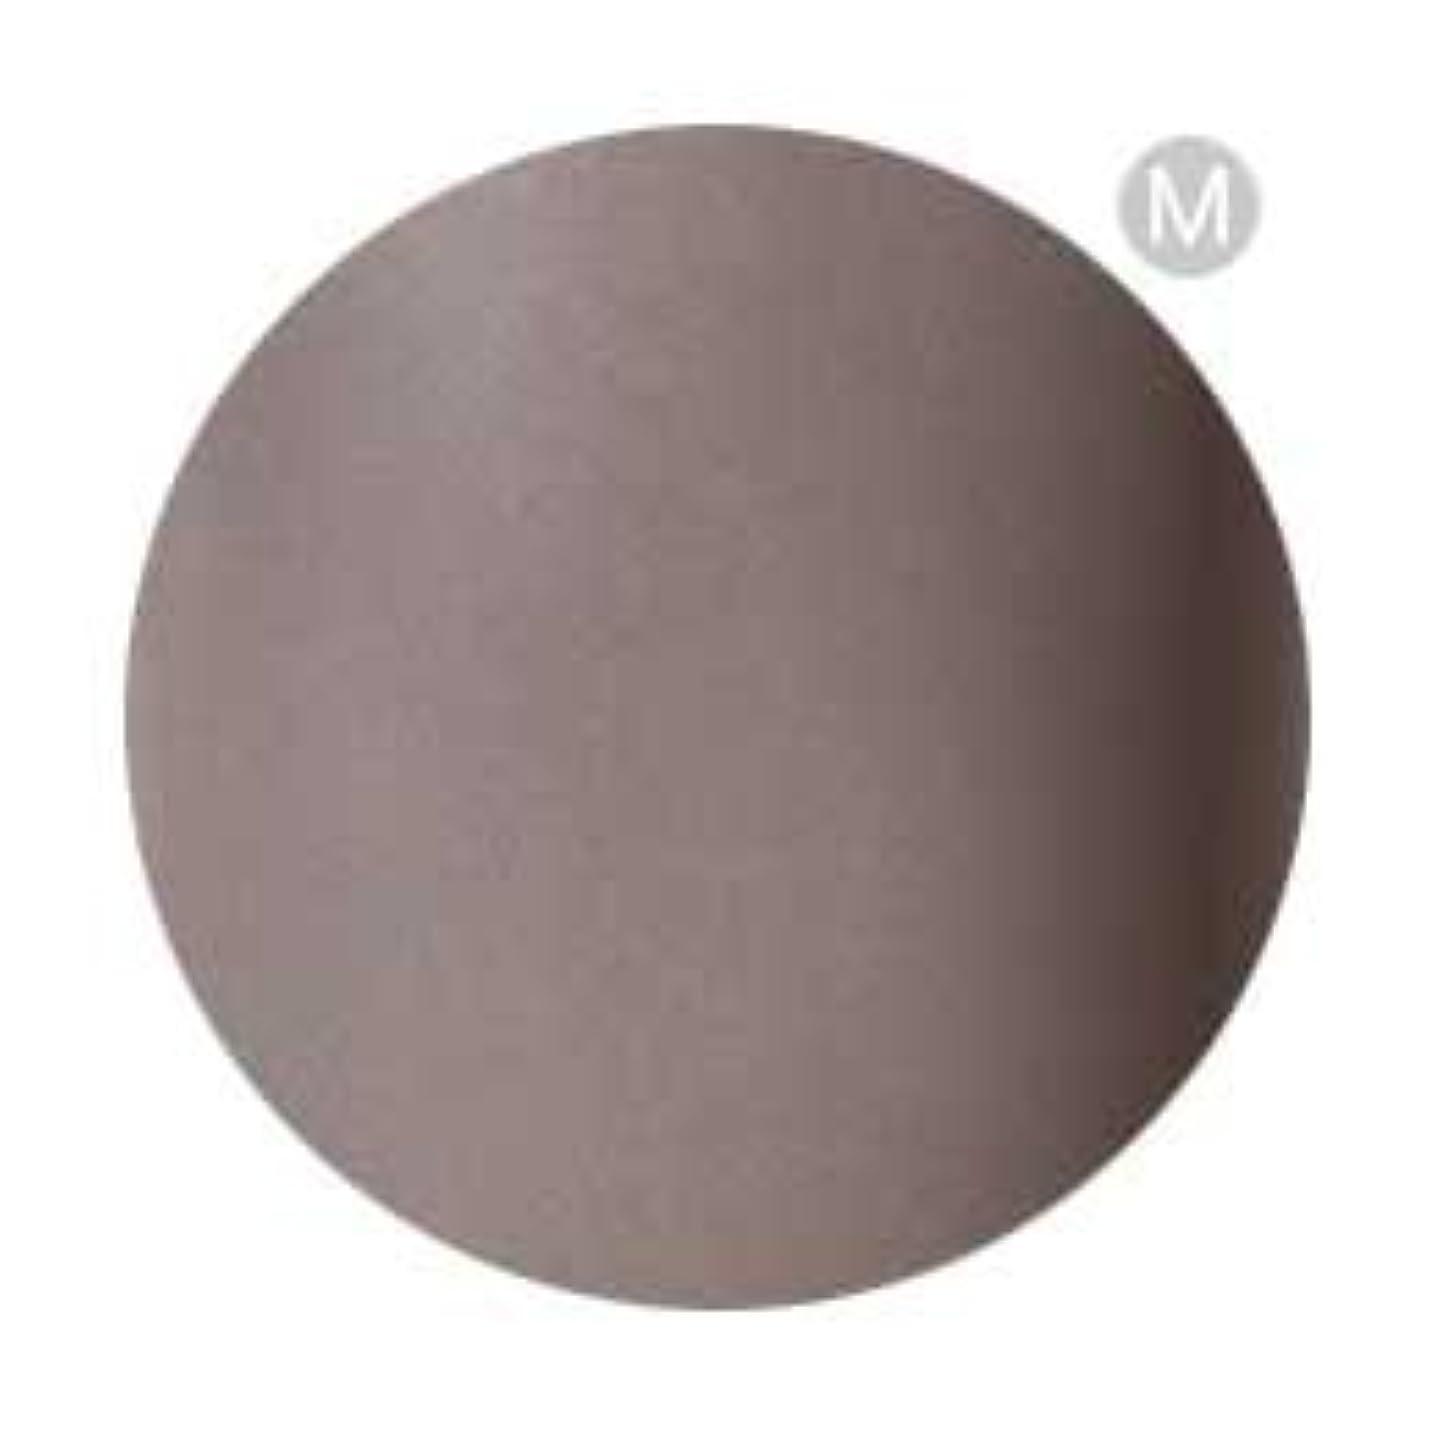 力学穿孔する優雅なPalms Graceful カラージェル 3g 058 チャコールグレイ